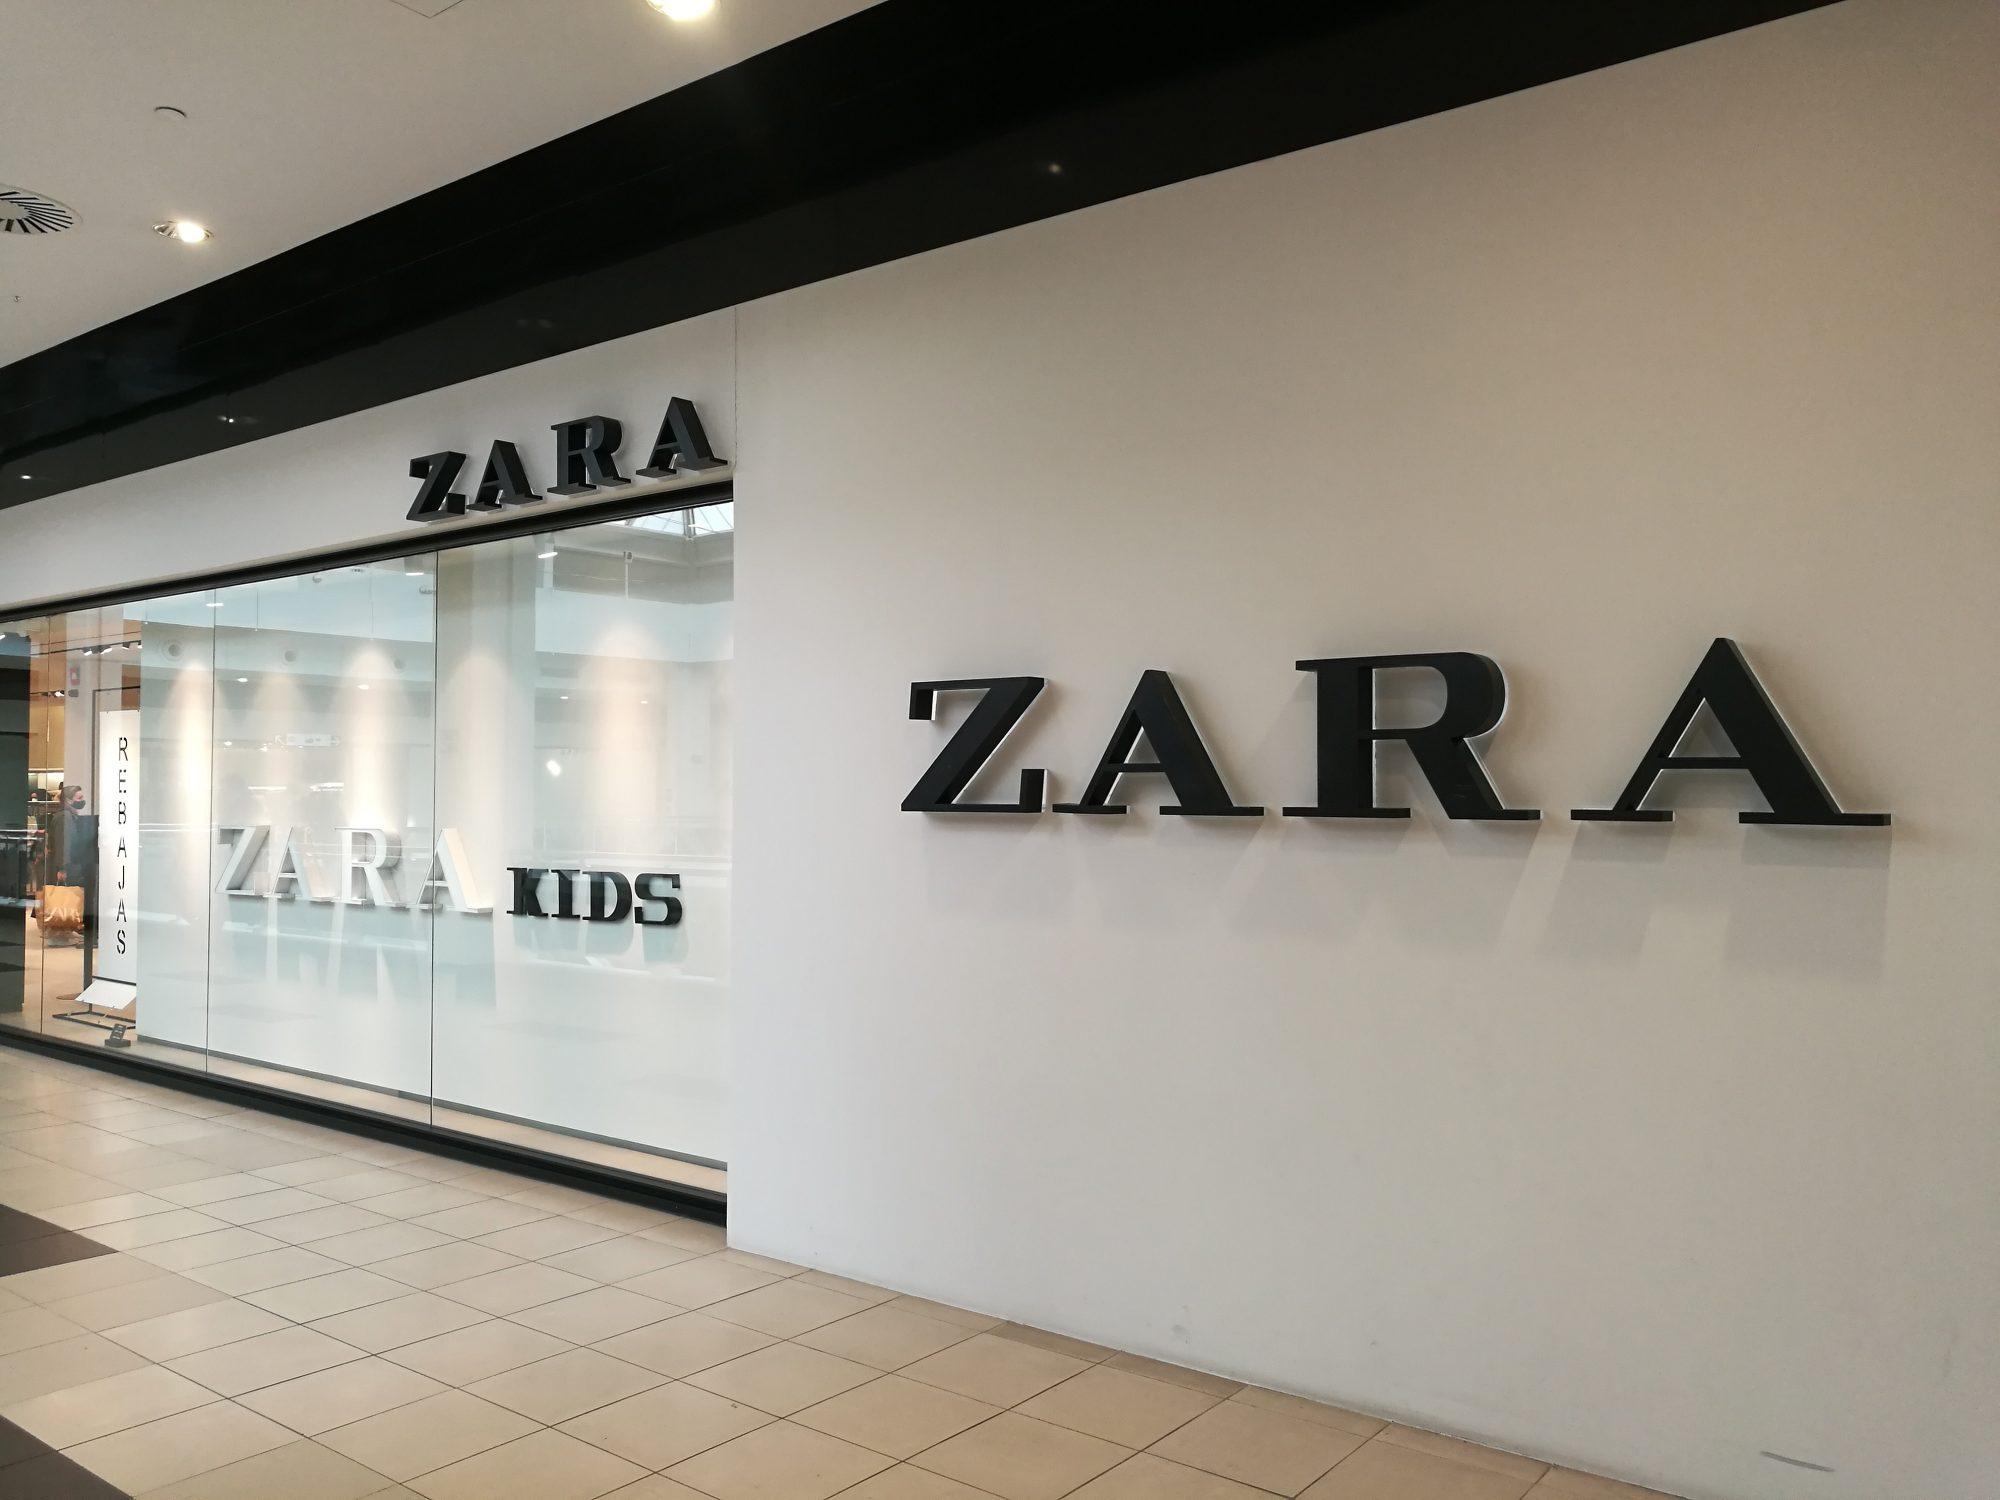 Zara, linea de belleza de zara